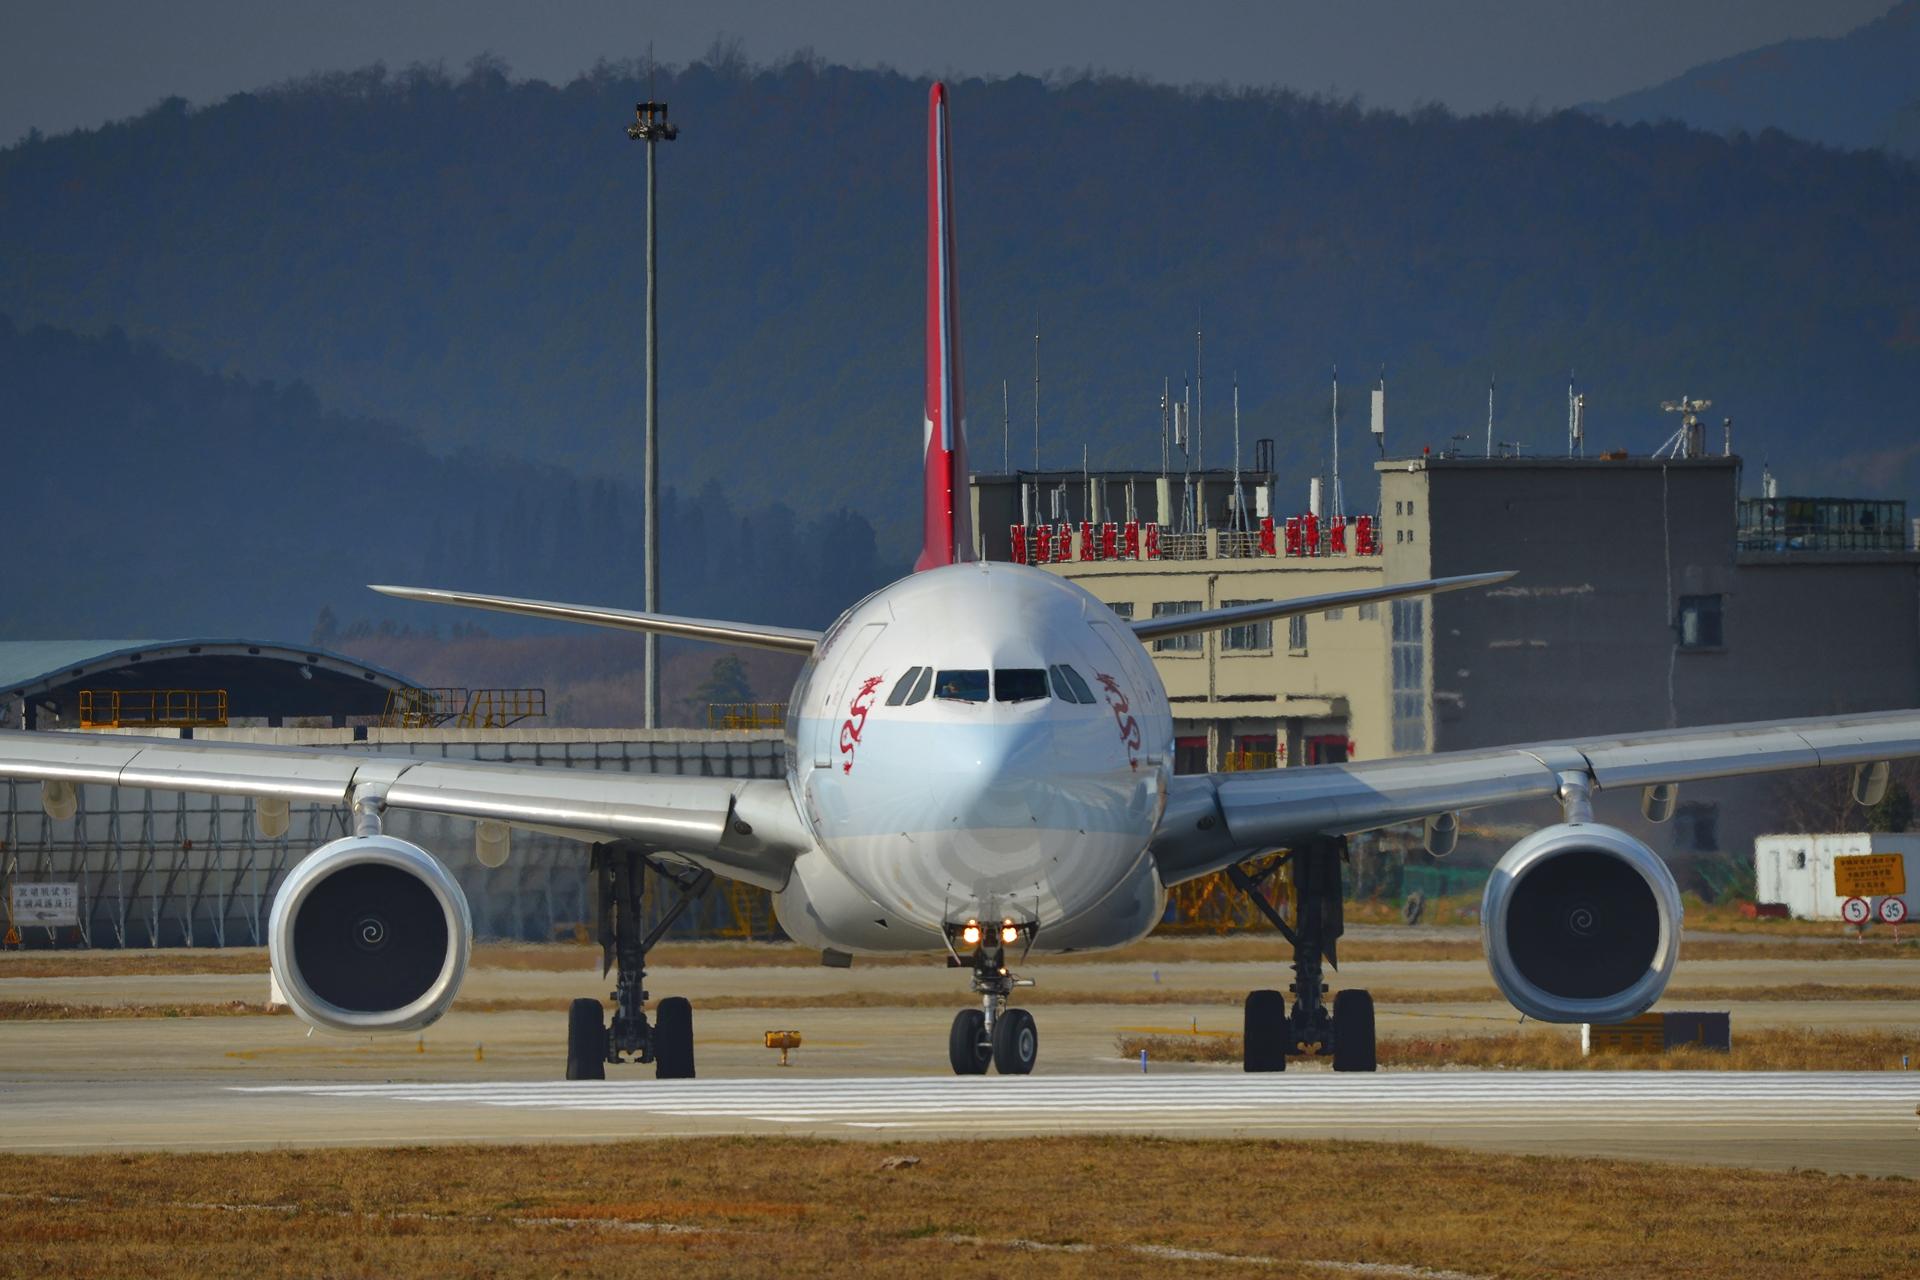 Re:[原创]2020冒泡贴 KMG的日常 AIRBUS A330-300 B-HYG 中国昆明长水国际机场